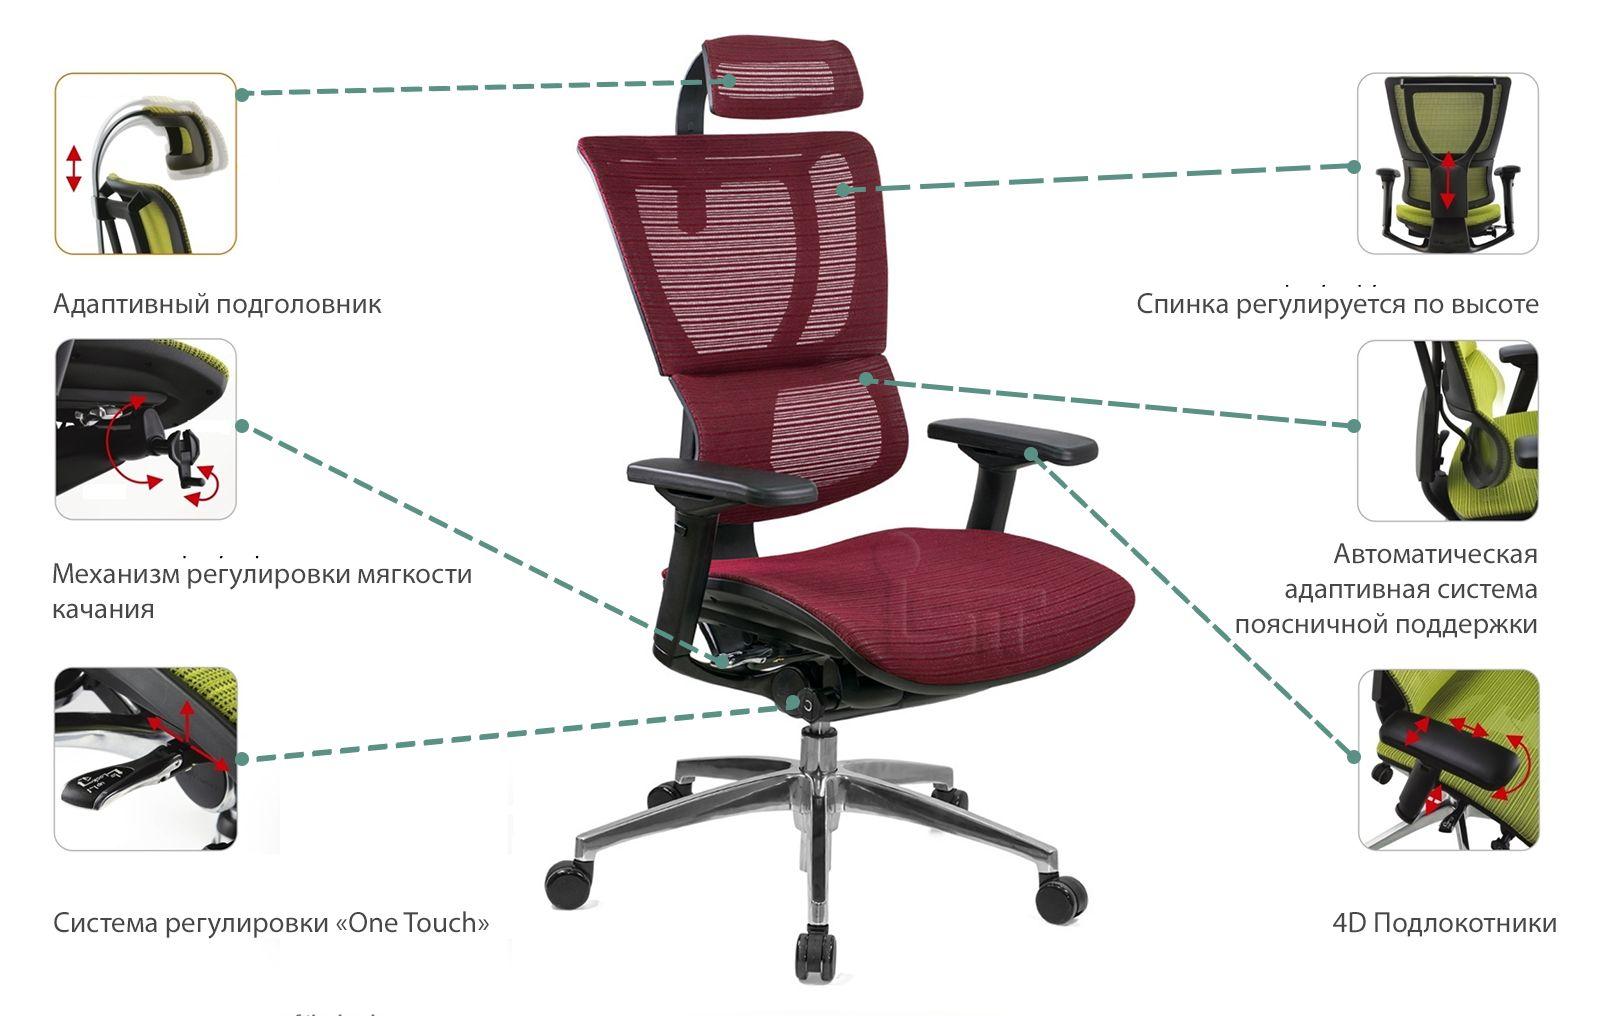 Эргономичное компьютерное кресло Сomfort Seating Mirus особенности